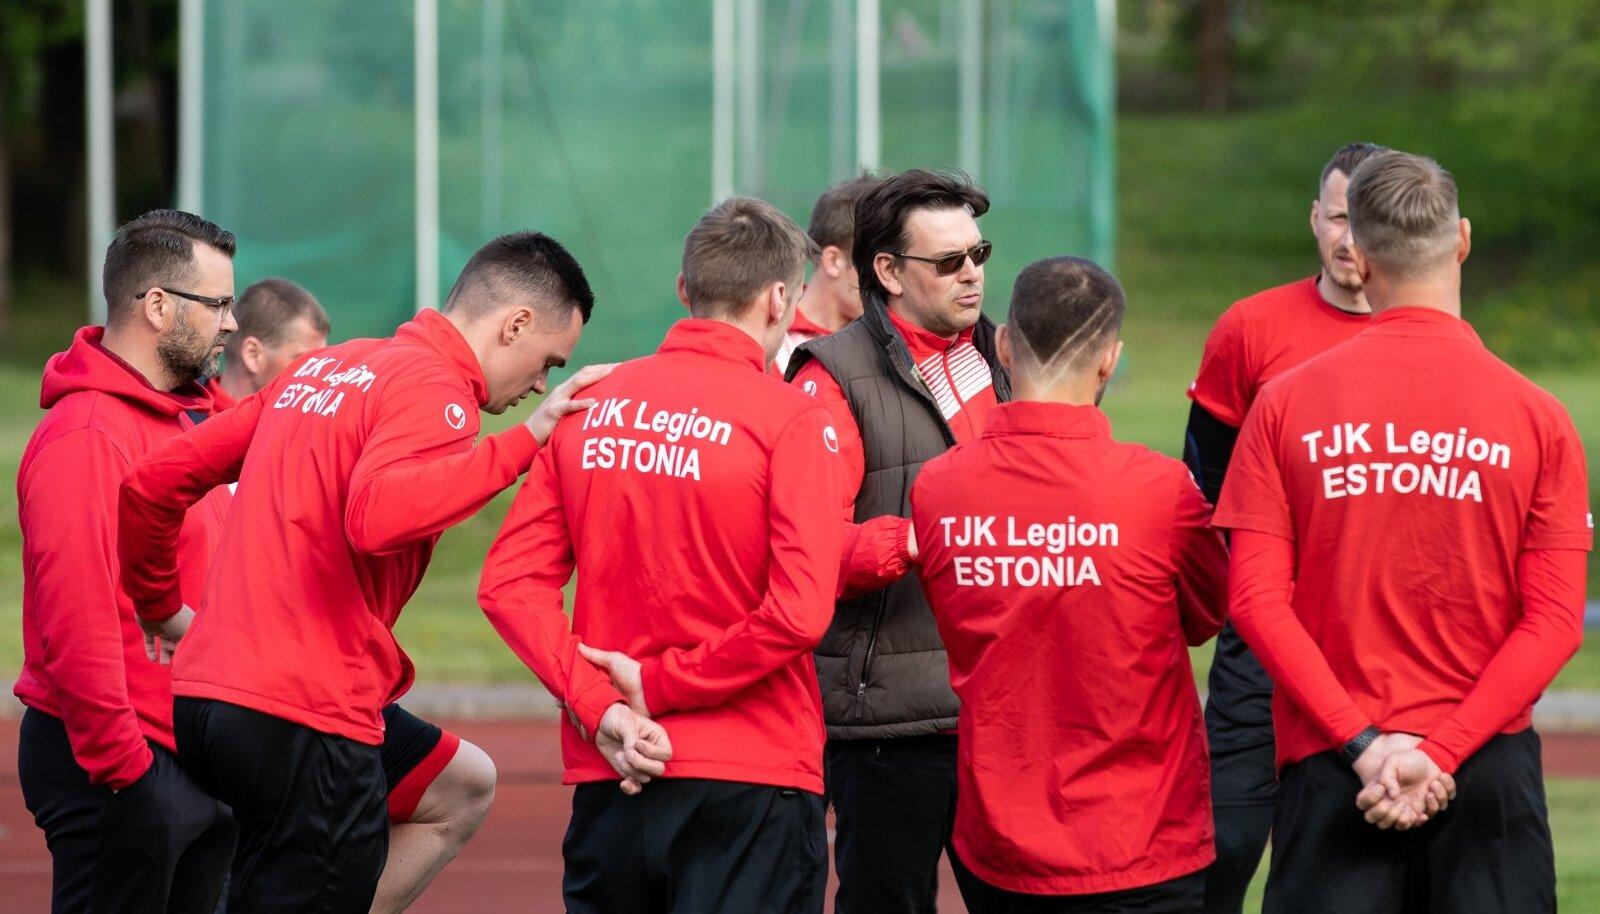 Tallinn, 27.05.2020. TJK Legion treeningul Kadrioru staadionil.